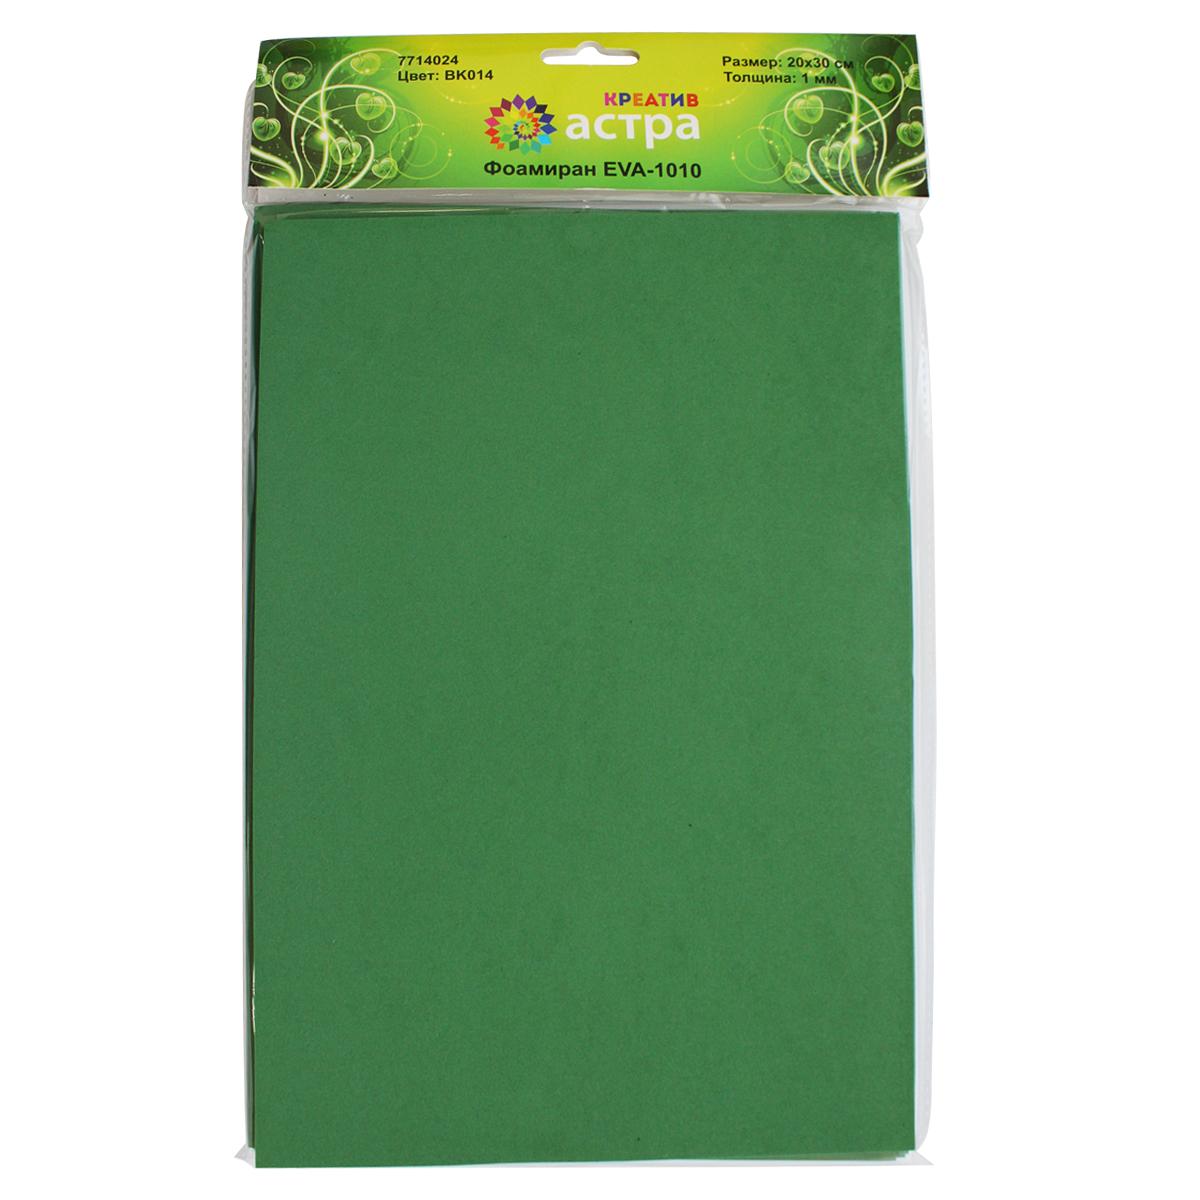 Фоамиран Астра, цвет: темно-зеленый, 20 х 30 см, 10 шт7714024_BK014 темно-зеленыйФоамиран Астра - это пластичная замша, ее можно применить для создания разнообразного вида декора: открытки, магнитики, цветы, забавные игрушки и т.д. Главная особенность материала фоамиран заключается в его способности к незначительному растяжению, которого вполне достаточно для «запоминания» изделием своей формы. На ощупь мягкая синтетическая замша очень приятна и податлива, поэтому работать с ней не составит труда даже начинающему. Размер ткани: 200 x 300 мм. В упаковке 10 штук. Рекомендуем!